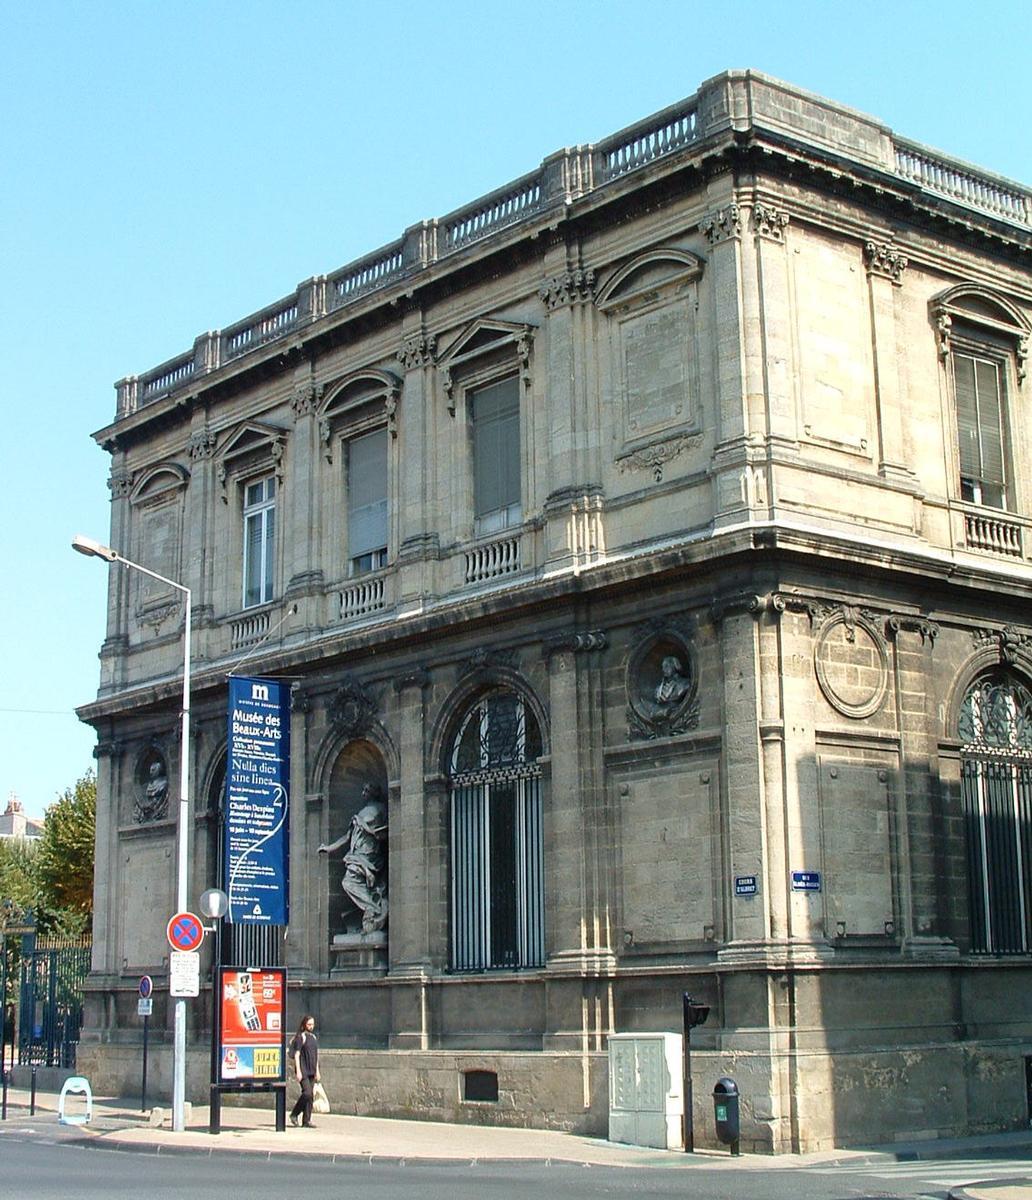 Muse des Beaux-Arts de Bordeaux - Facebook